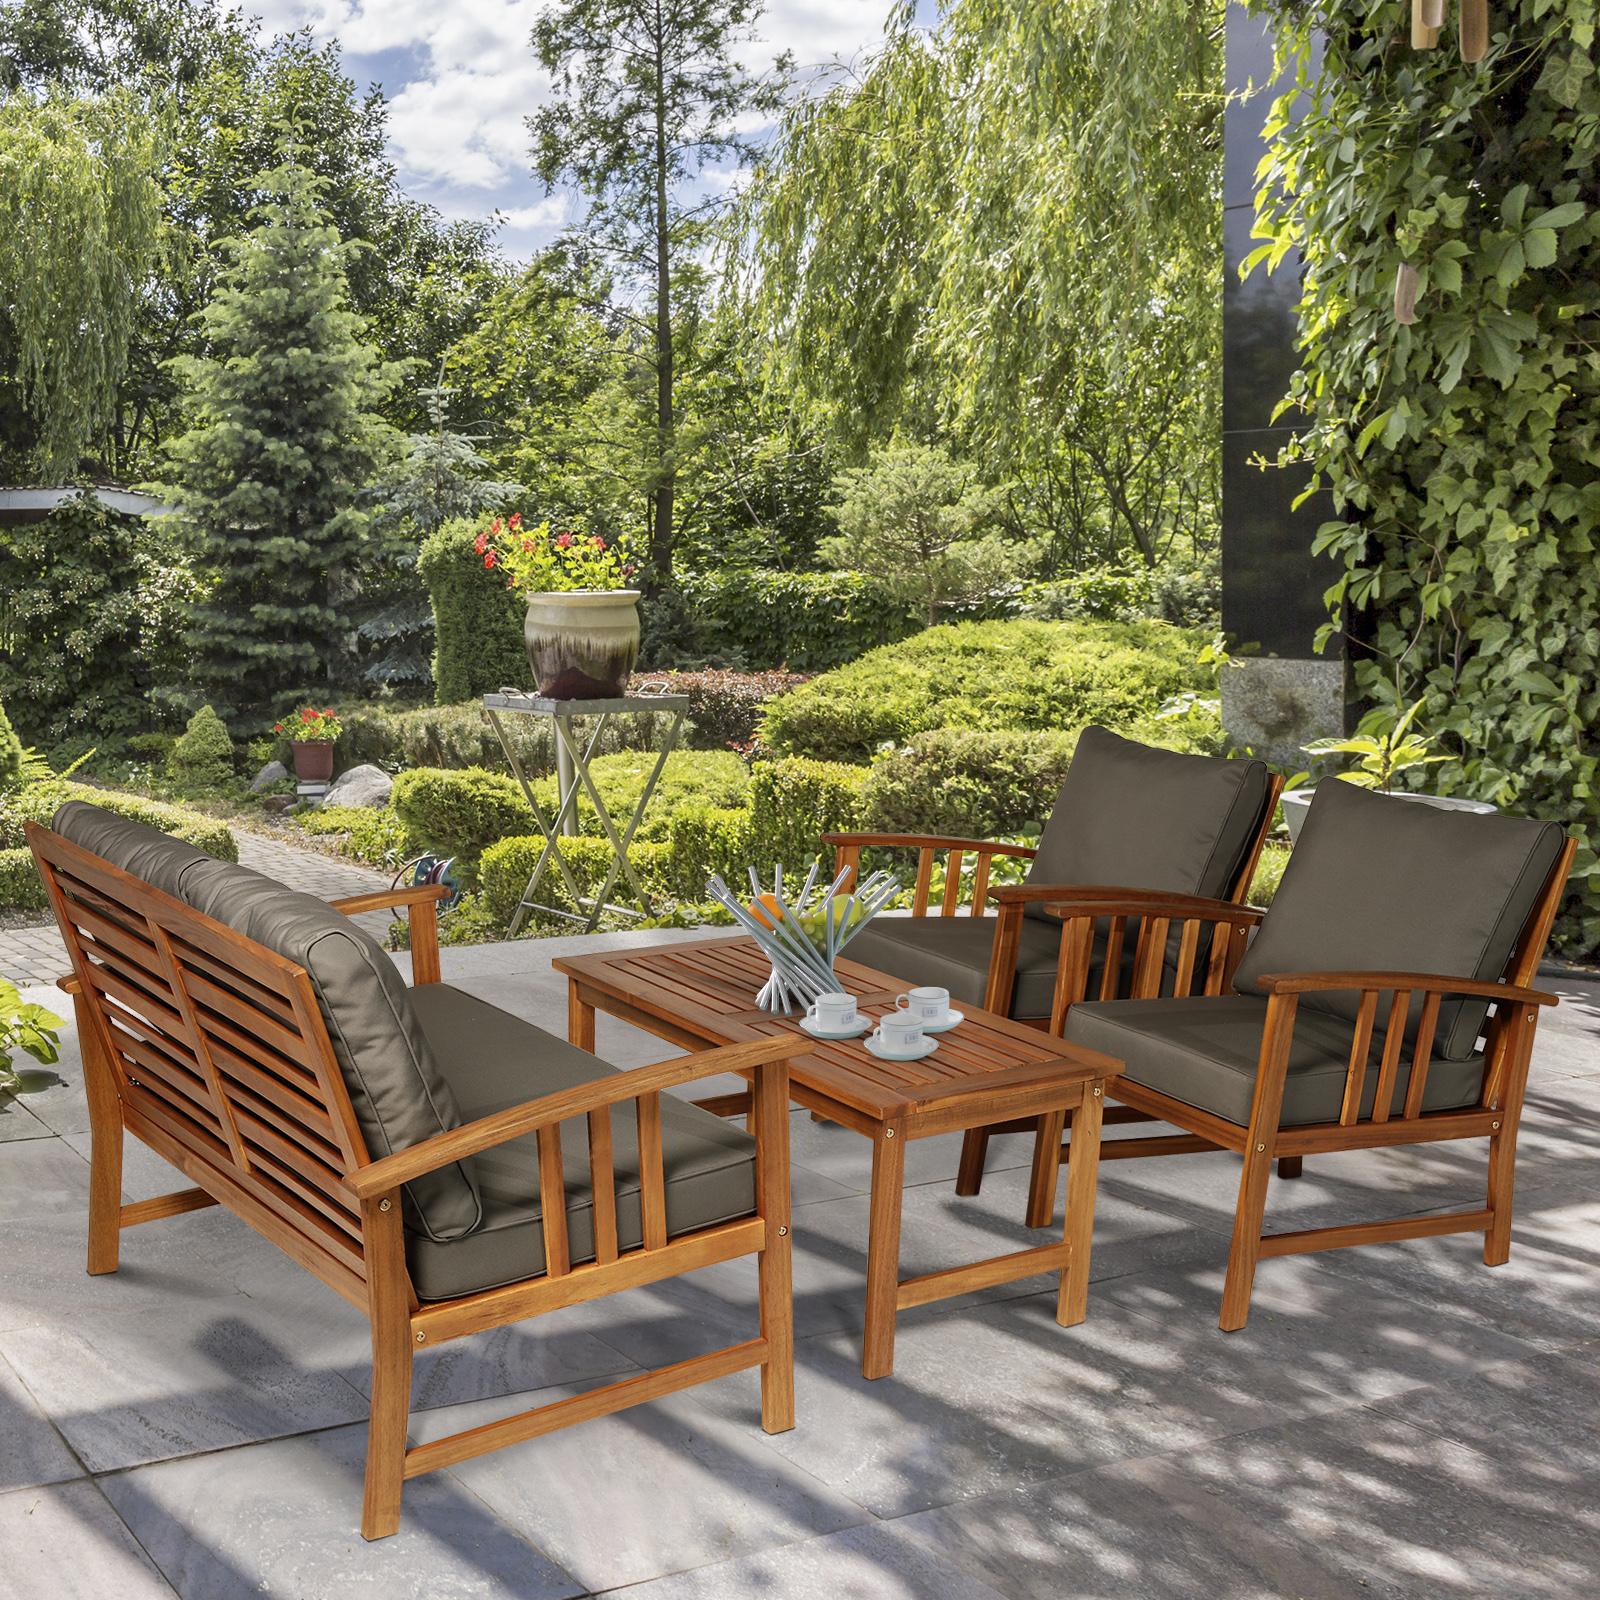 Details zu Outsunny Holz-Sitzgruppe 4er-Gartenset Gartenmöbel Lounge  Garnitur mit Kissen